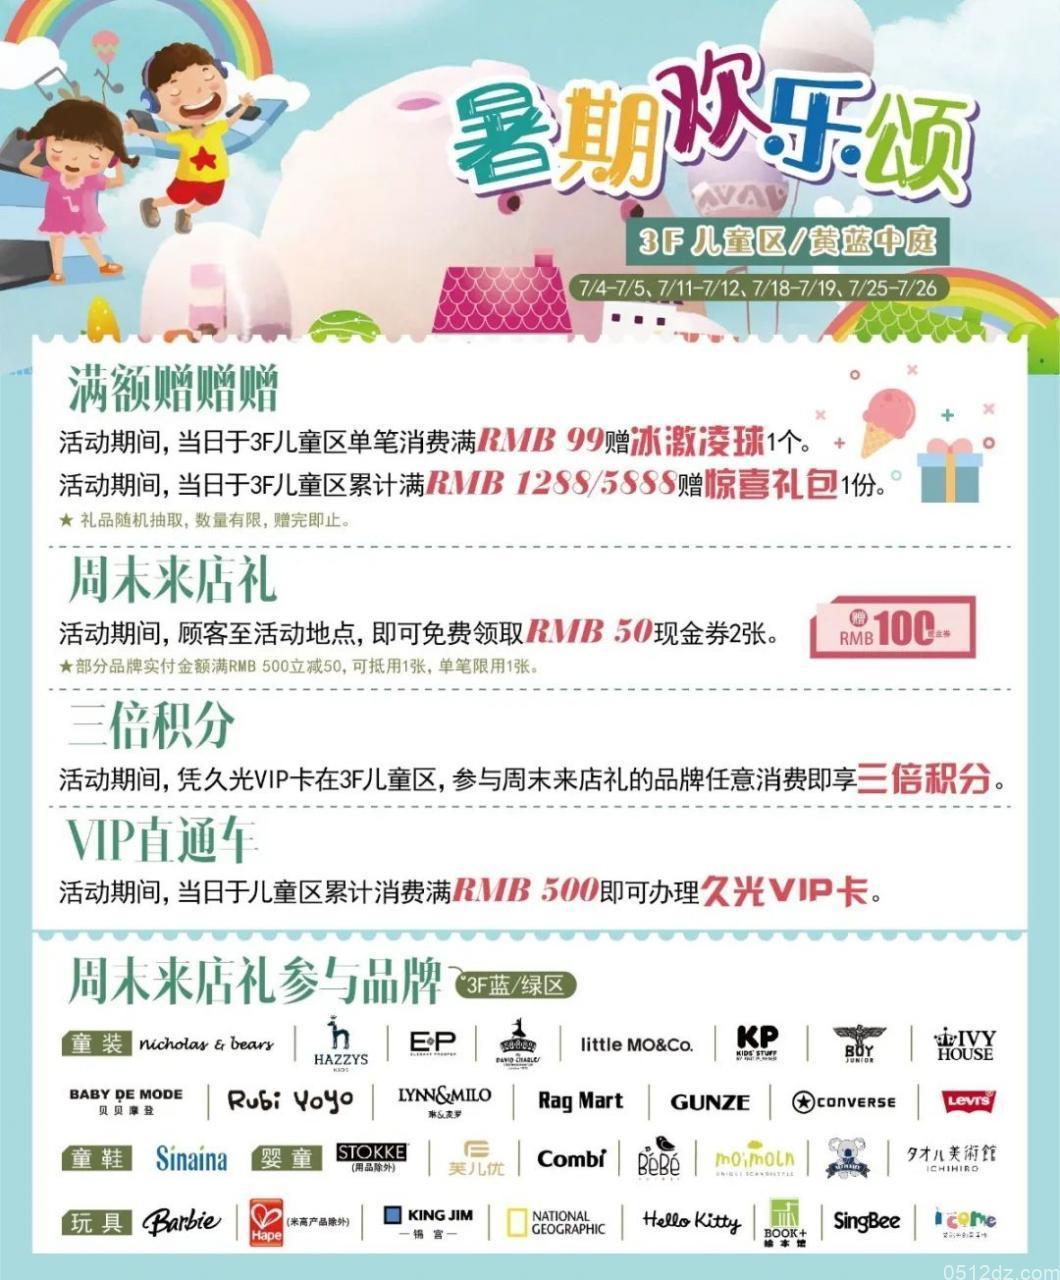 苏州久光百货2020暑假欢乐颂活动